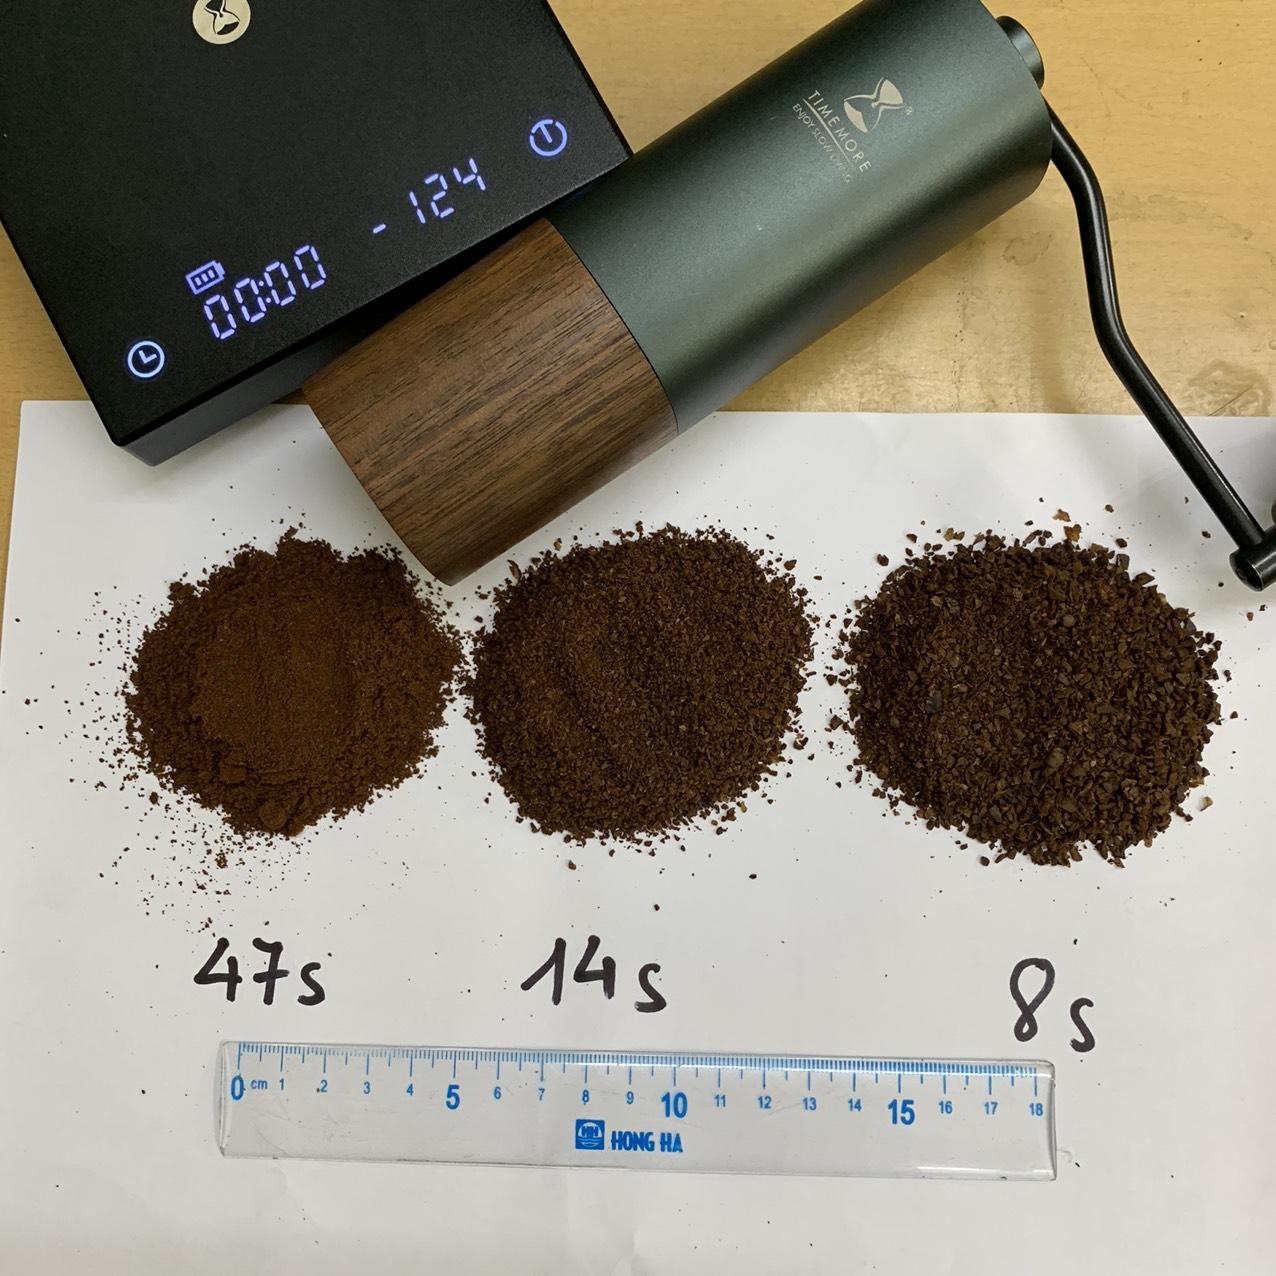 Thời gian xay và cỡ bột bằng Timemore Chestnut G1